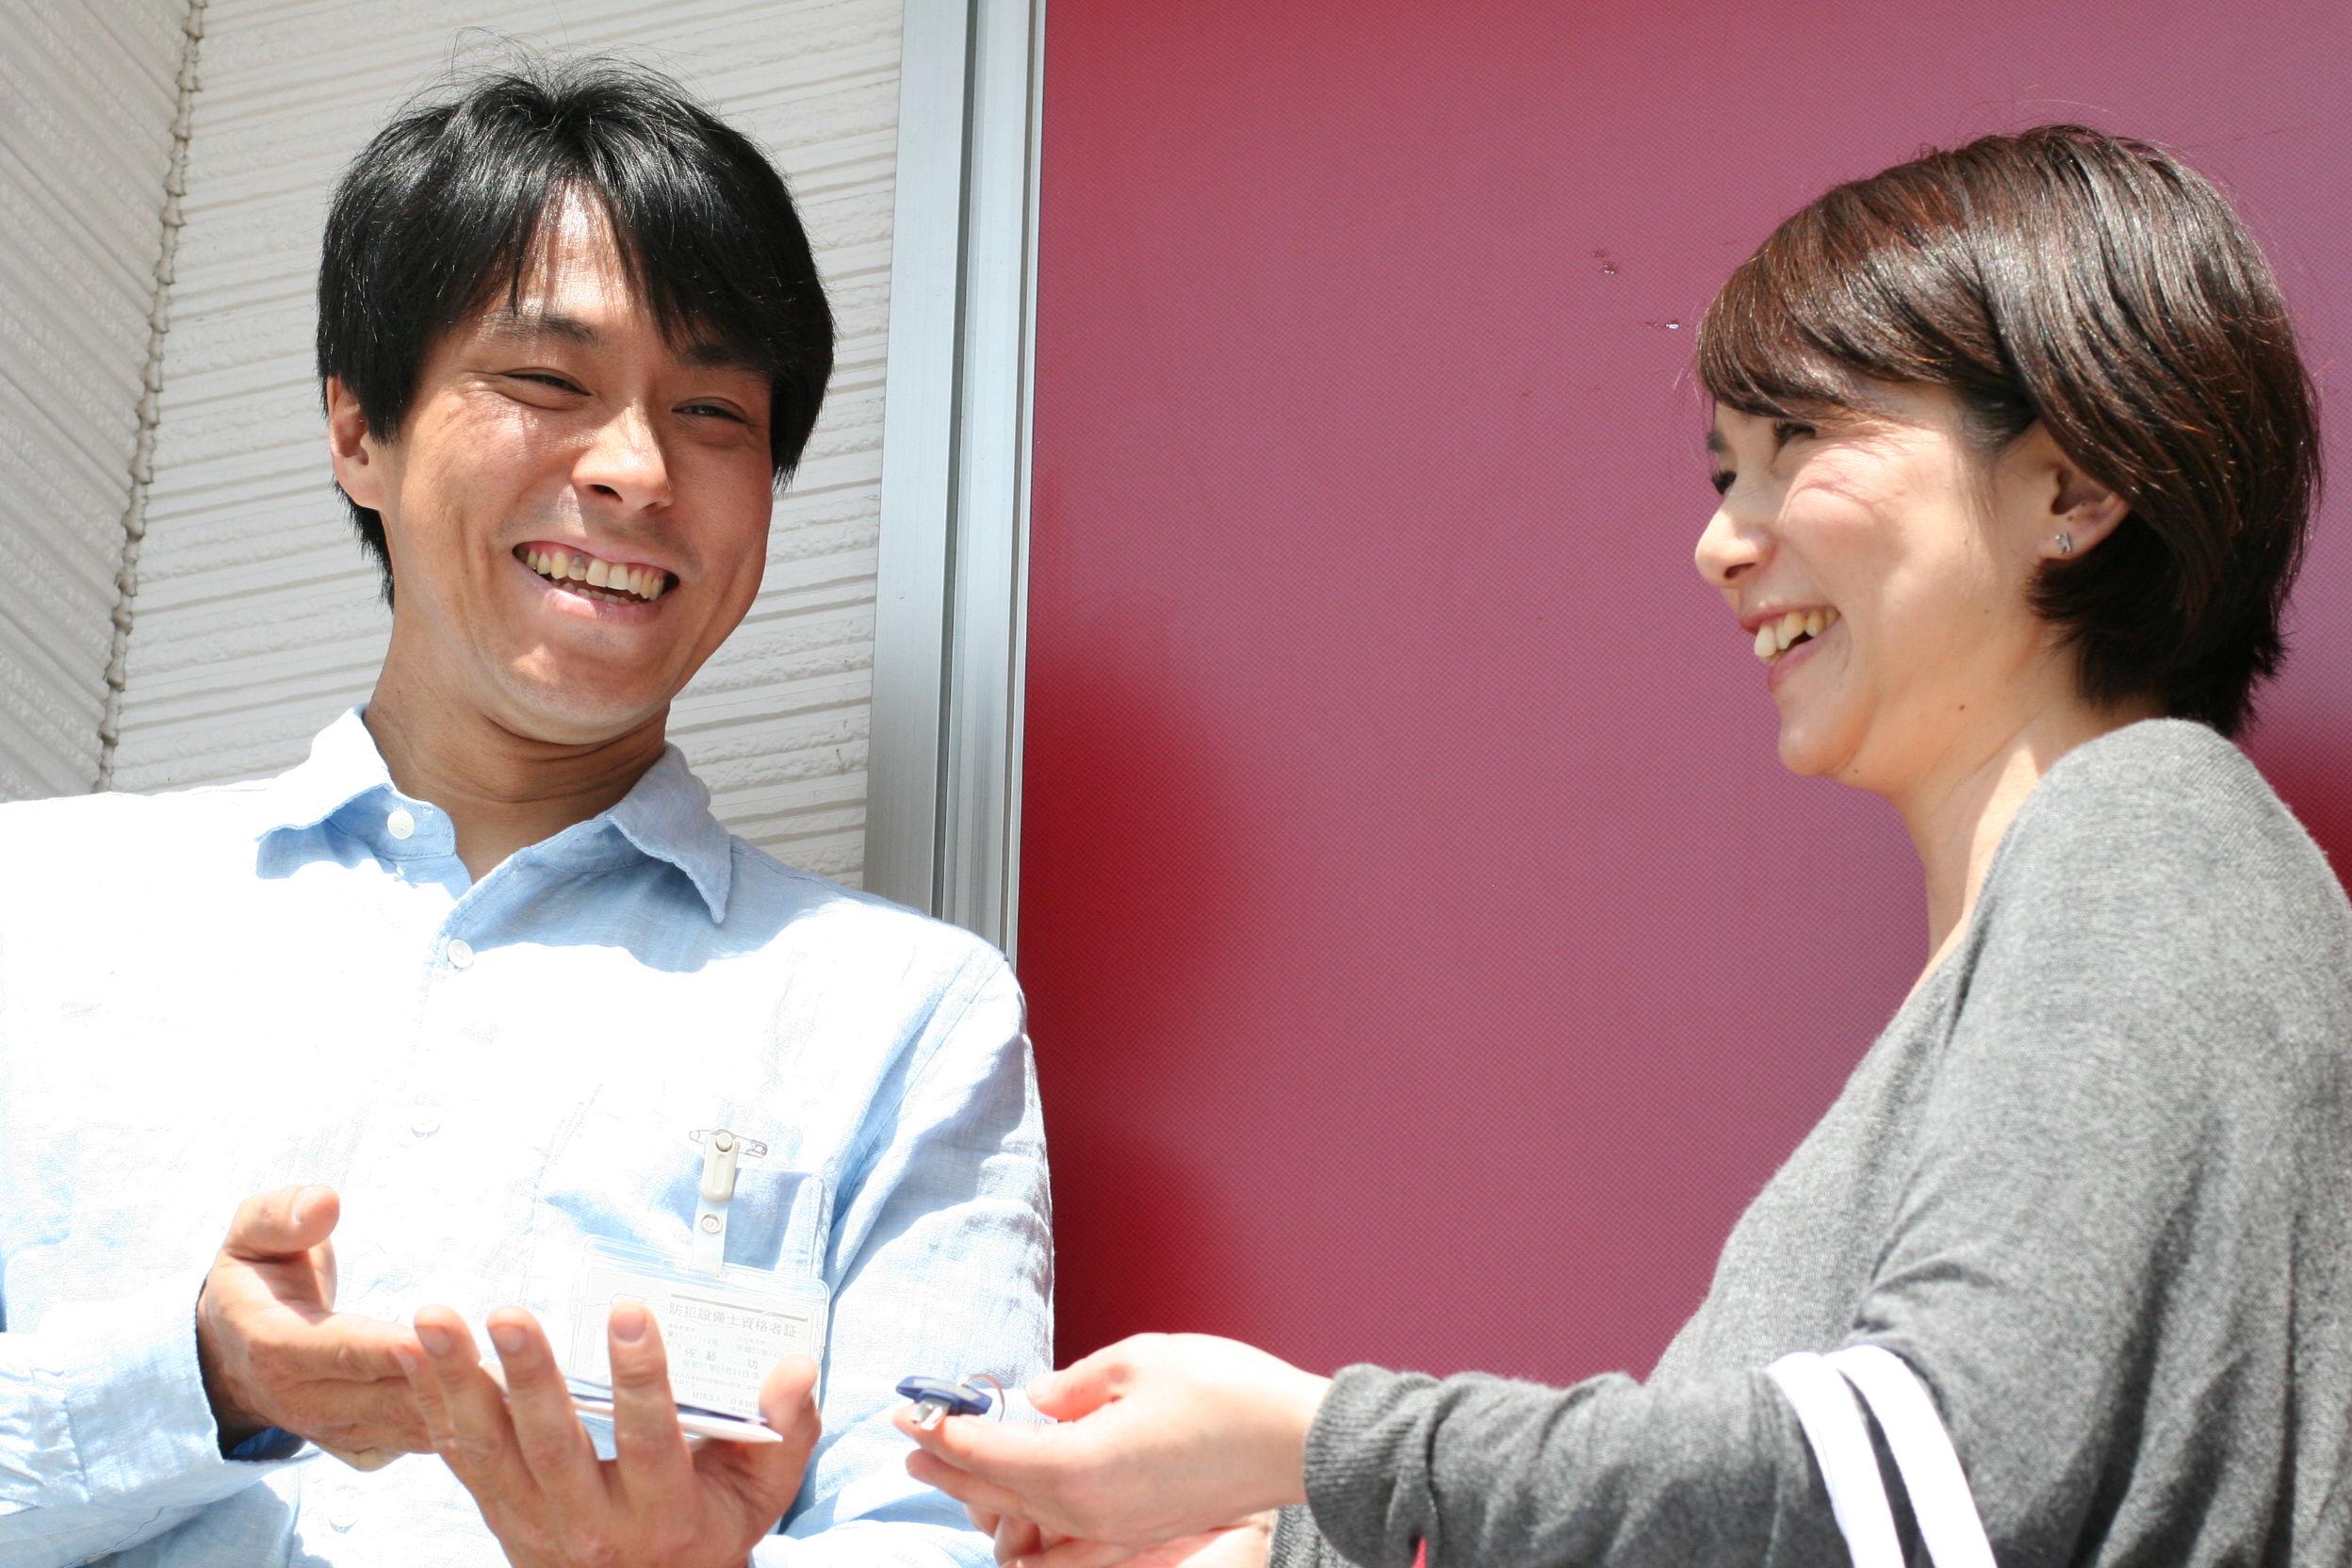 鍵のトラブル救急車【焼津市 出張エリア】のメイン画像